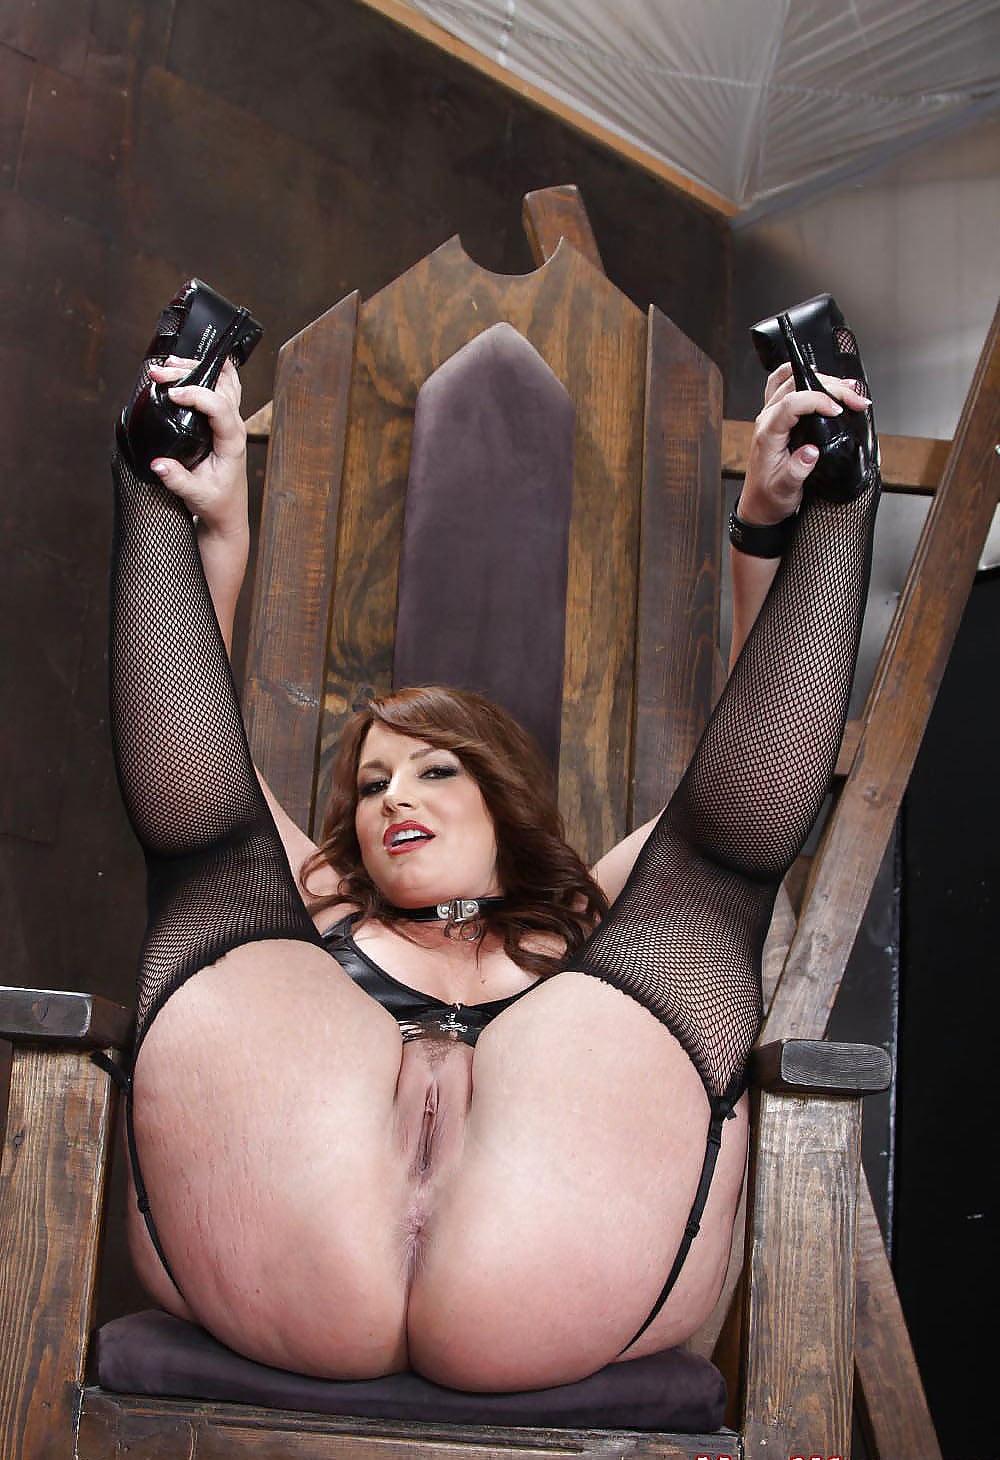 Worshipped her ass mistress